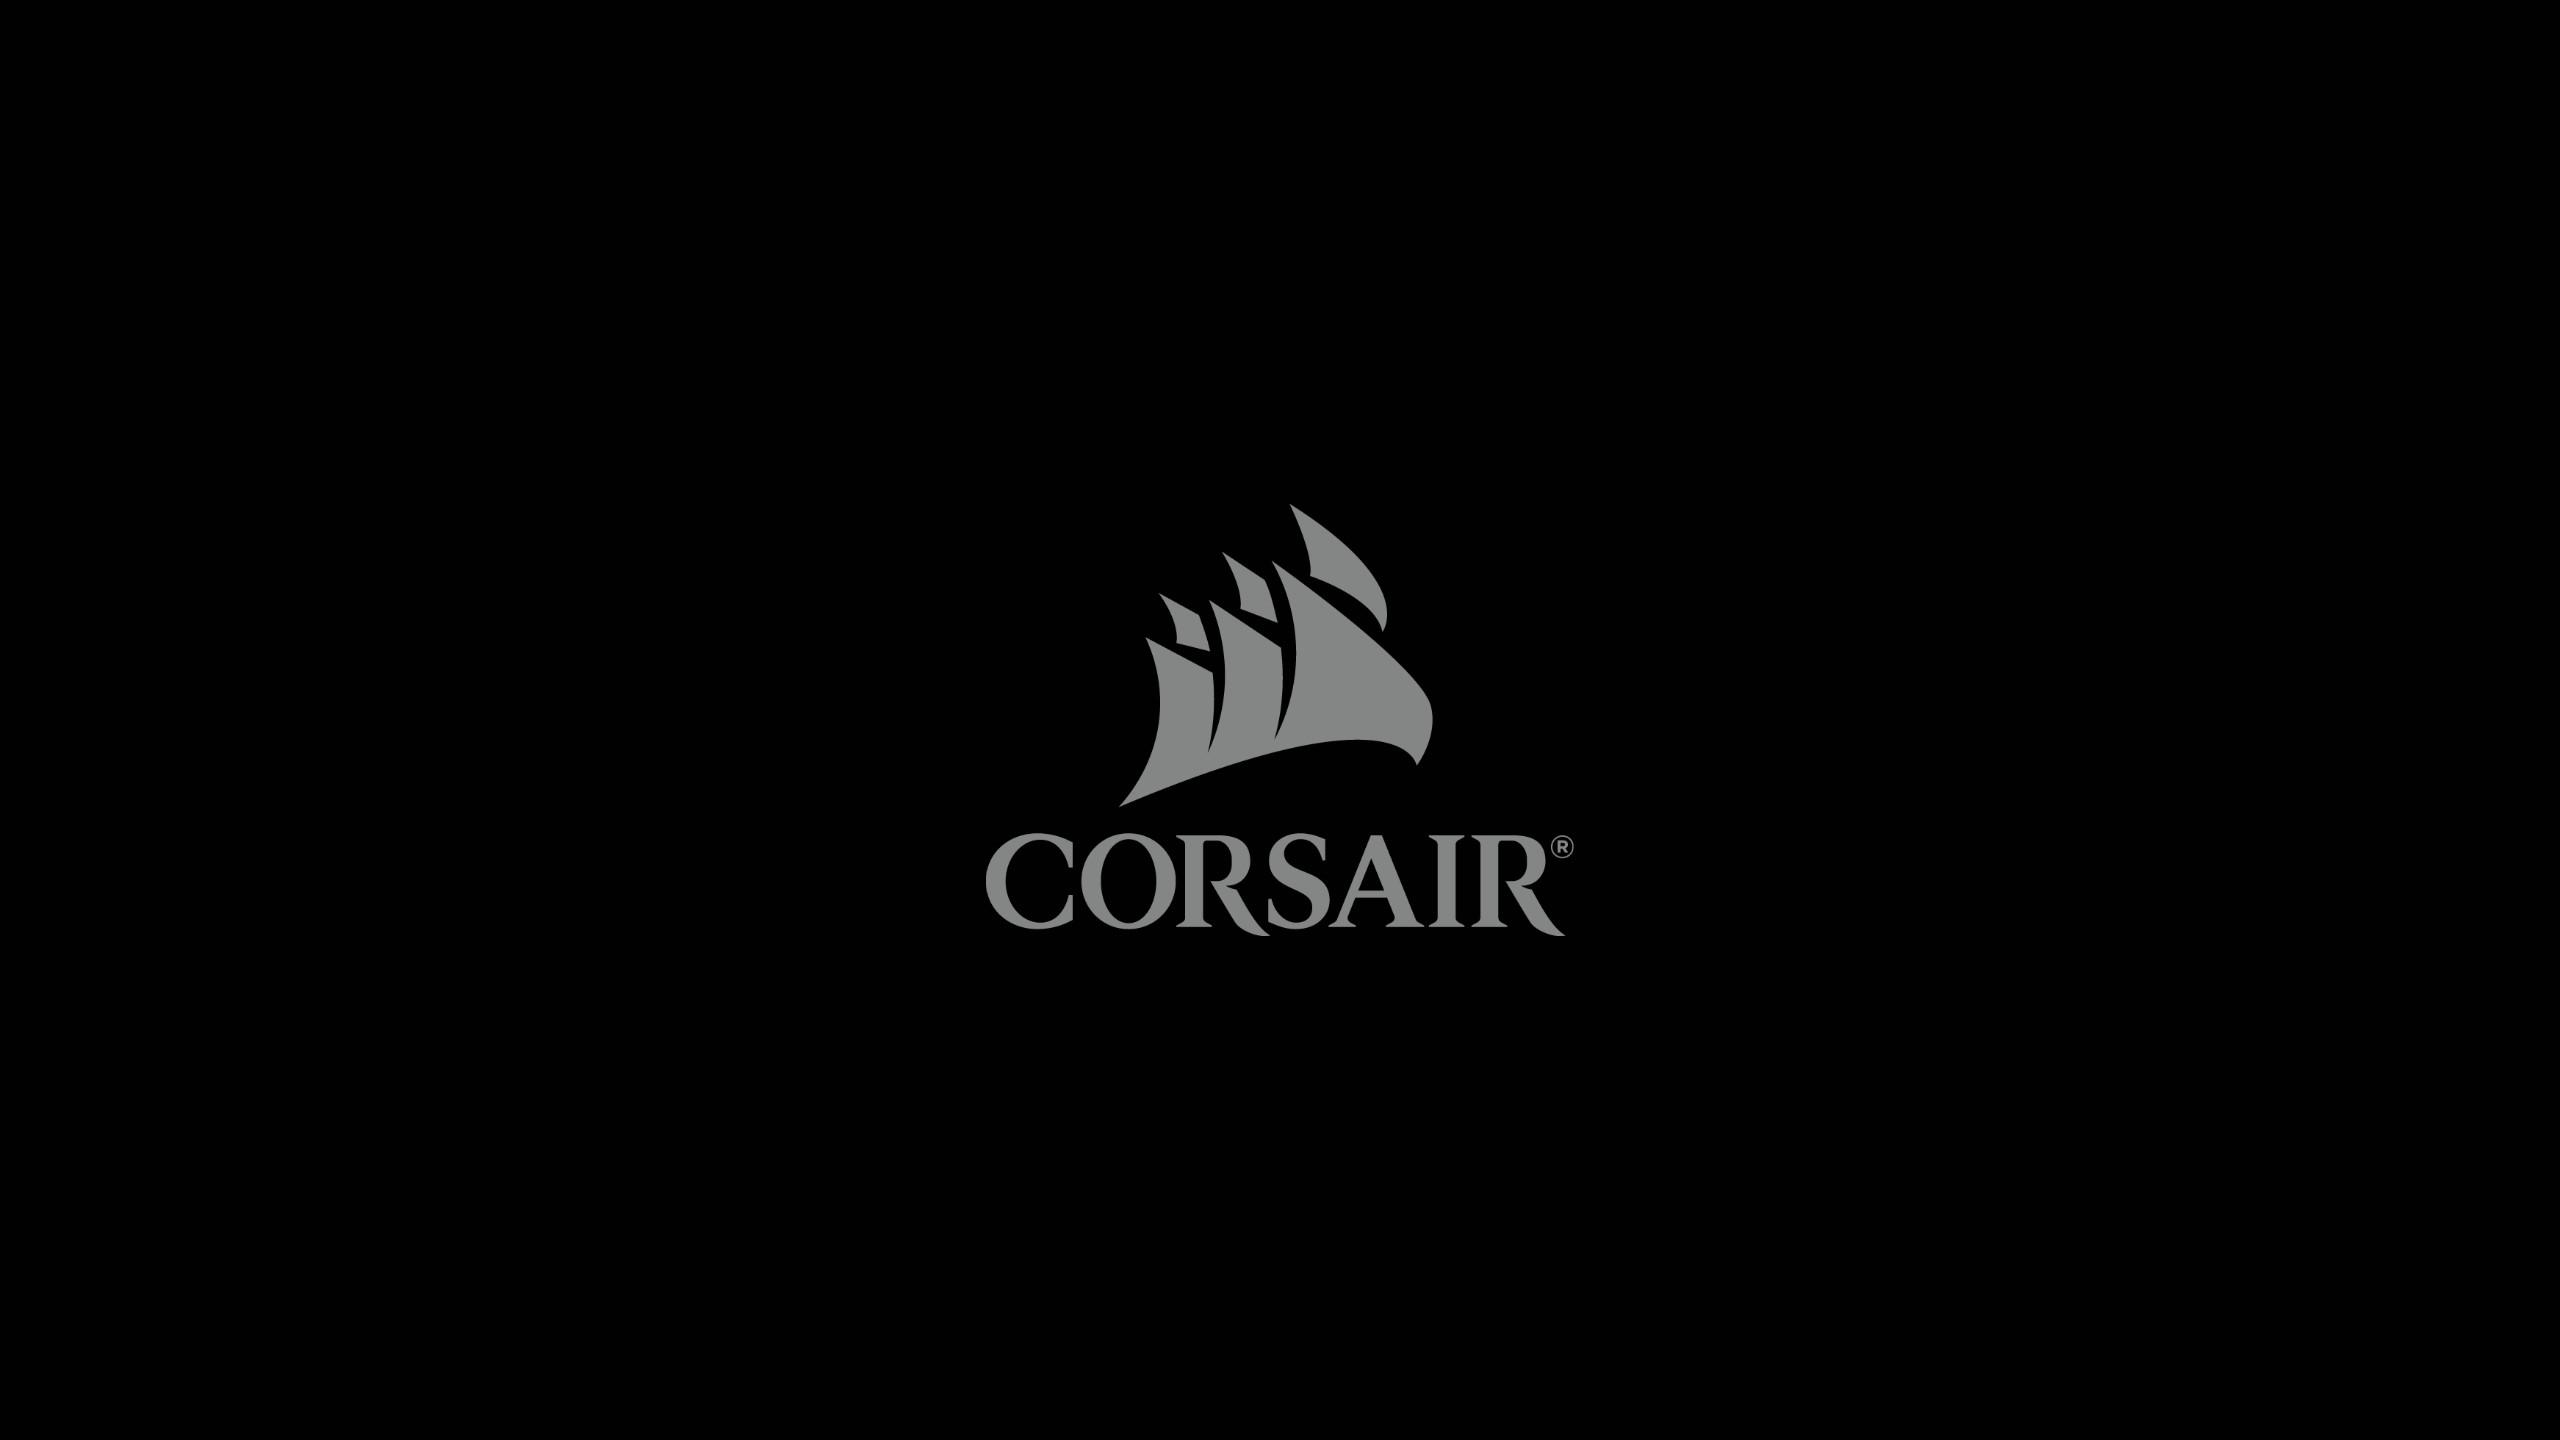 Corsair Wallpaper: Corsair Gaming Wallpaper (80+ Images